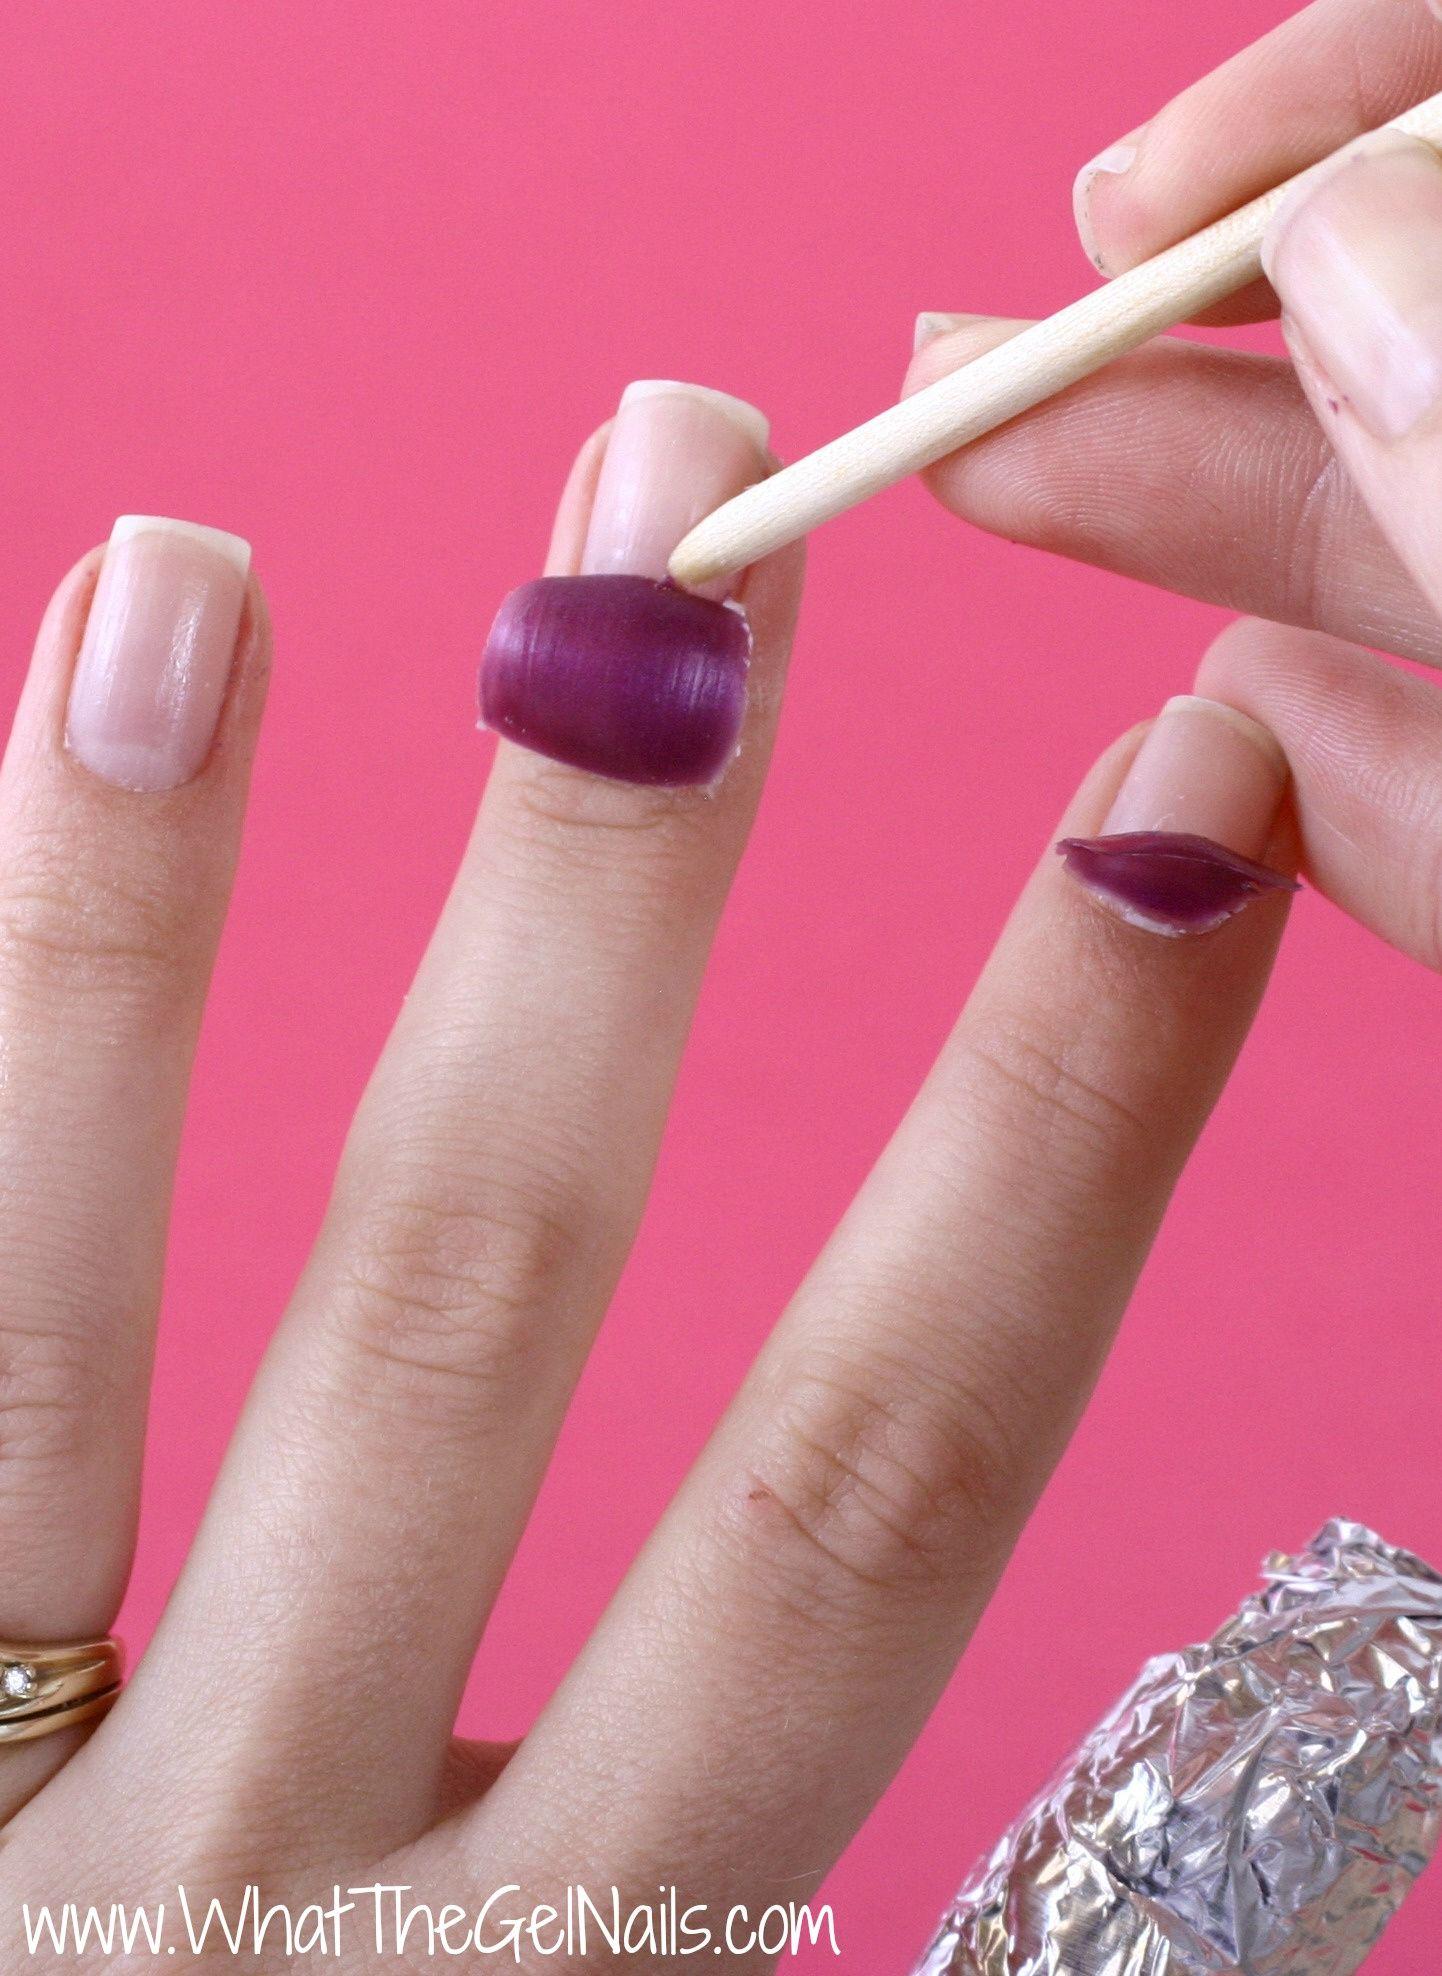 19 Best Of Nail Art At Home Do Gel Nail Polish Ruin Your Nails 19 Best Of Nail Art At Home Nail Gel Nail Polish Remover Gel Nail Removal Take Off Gel Nails